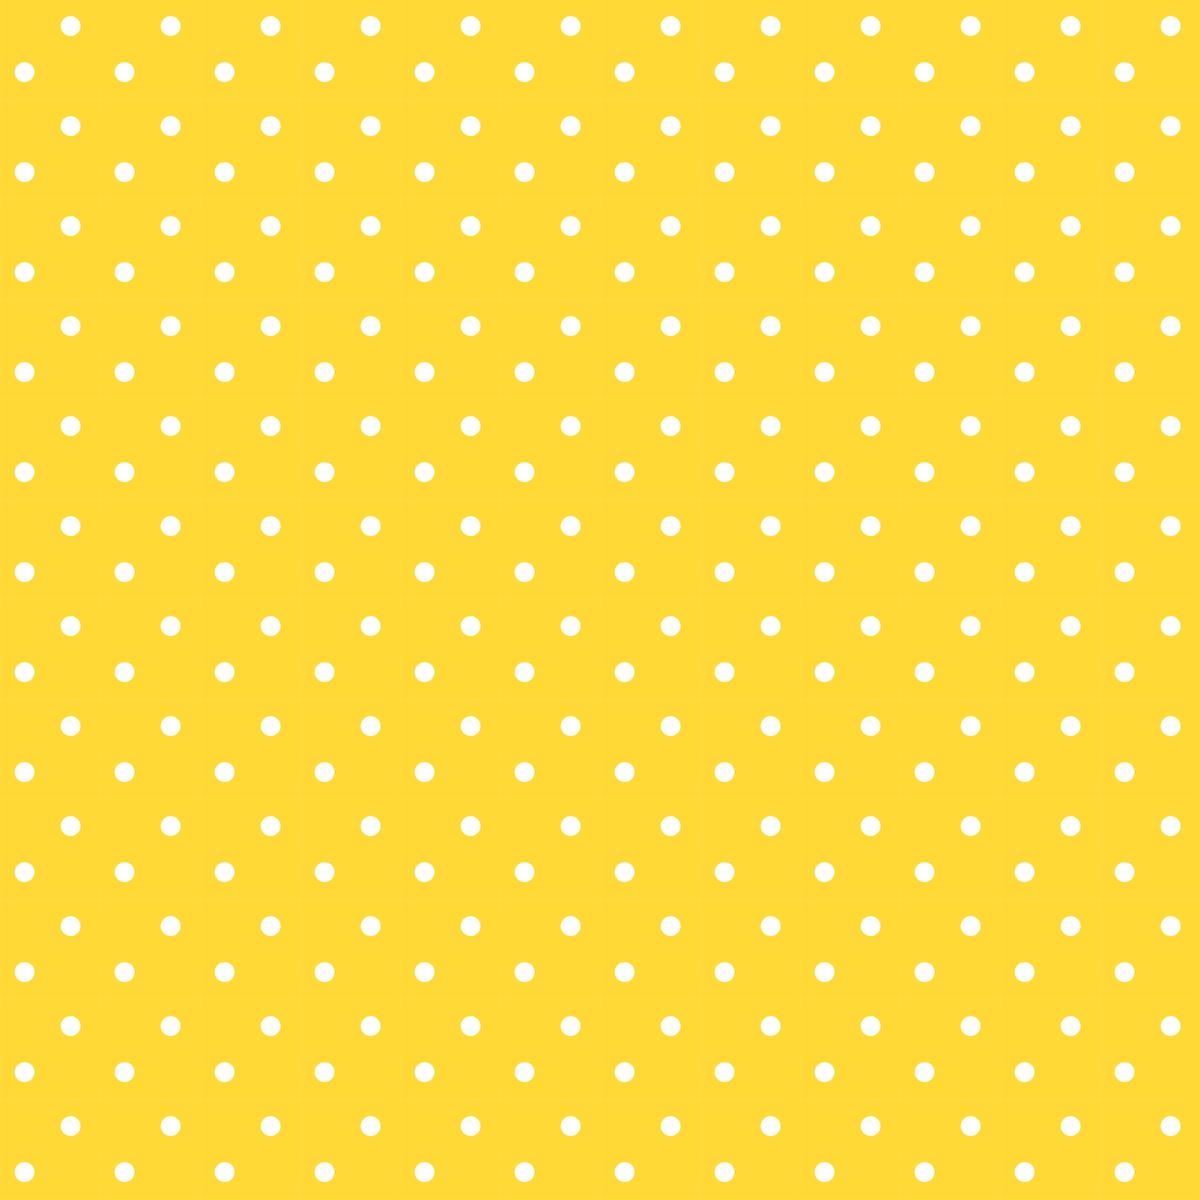 Free Polka Dot Background Png Transparent Polka Dot Backgroundg